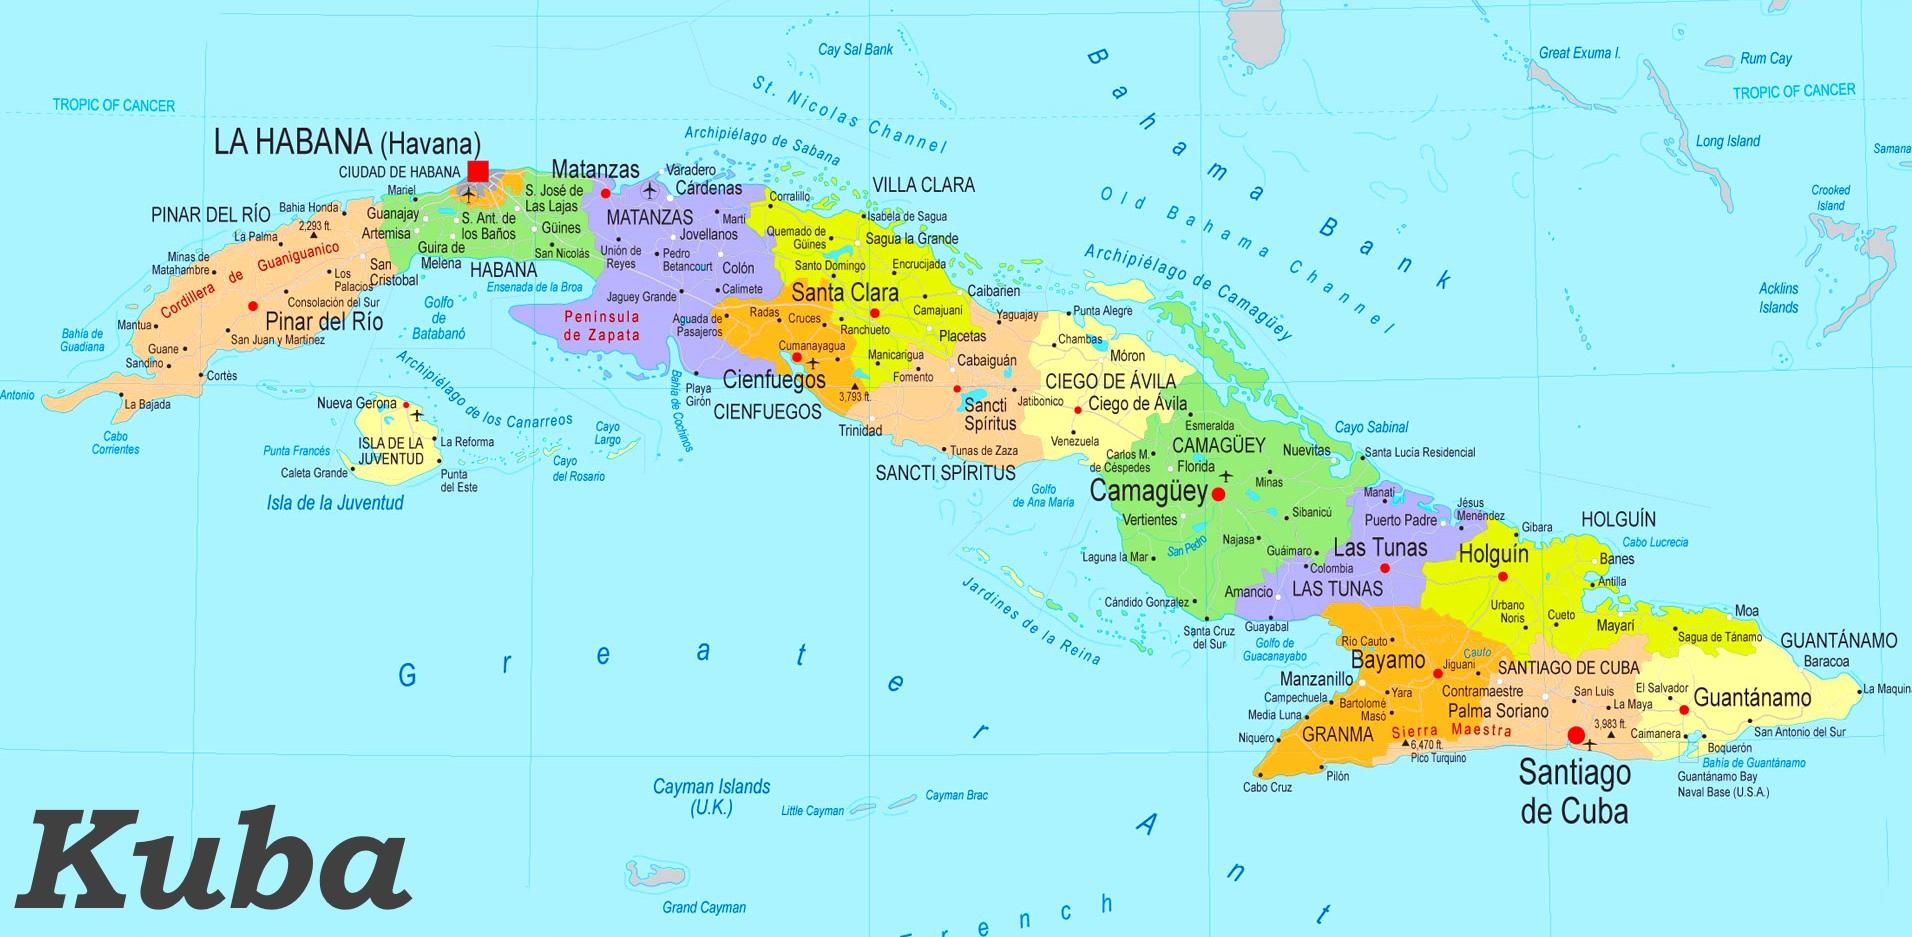 Karte Kuba.Kuba Politische Karte